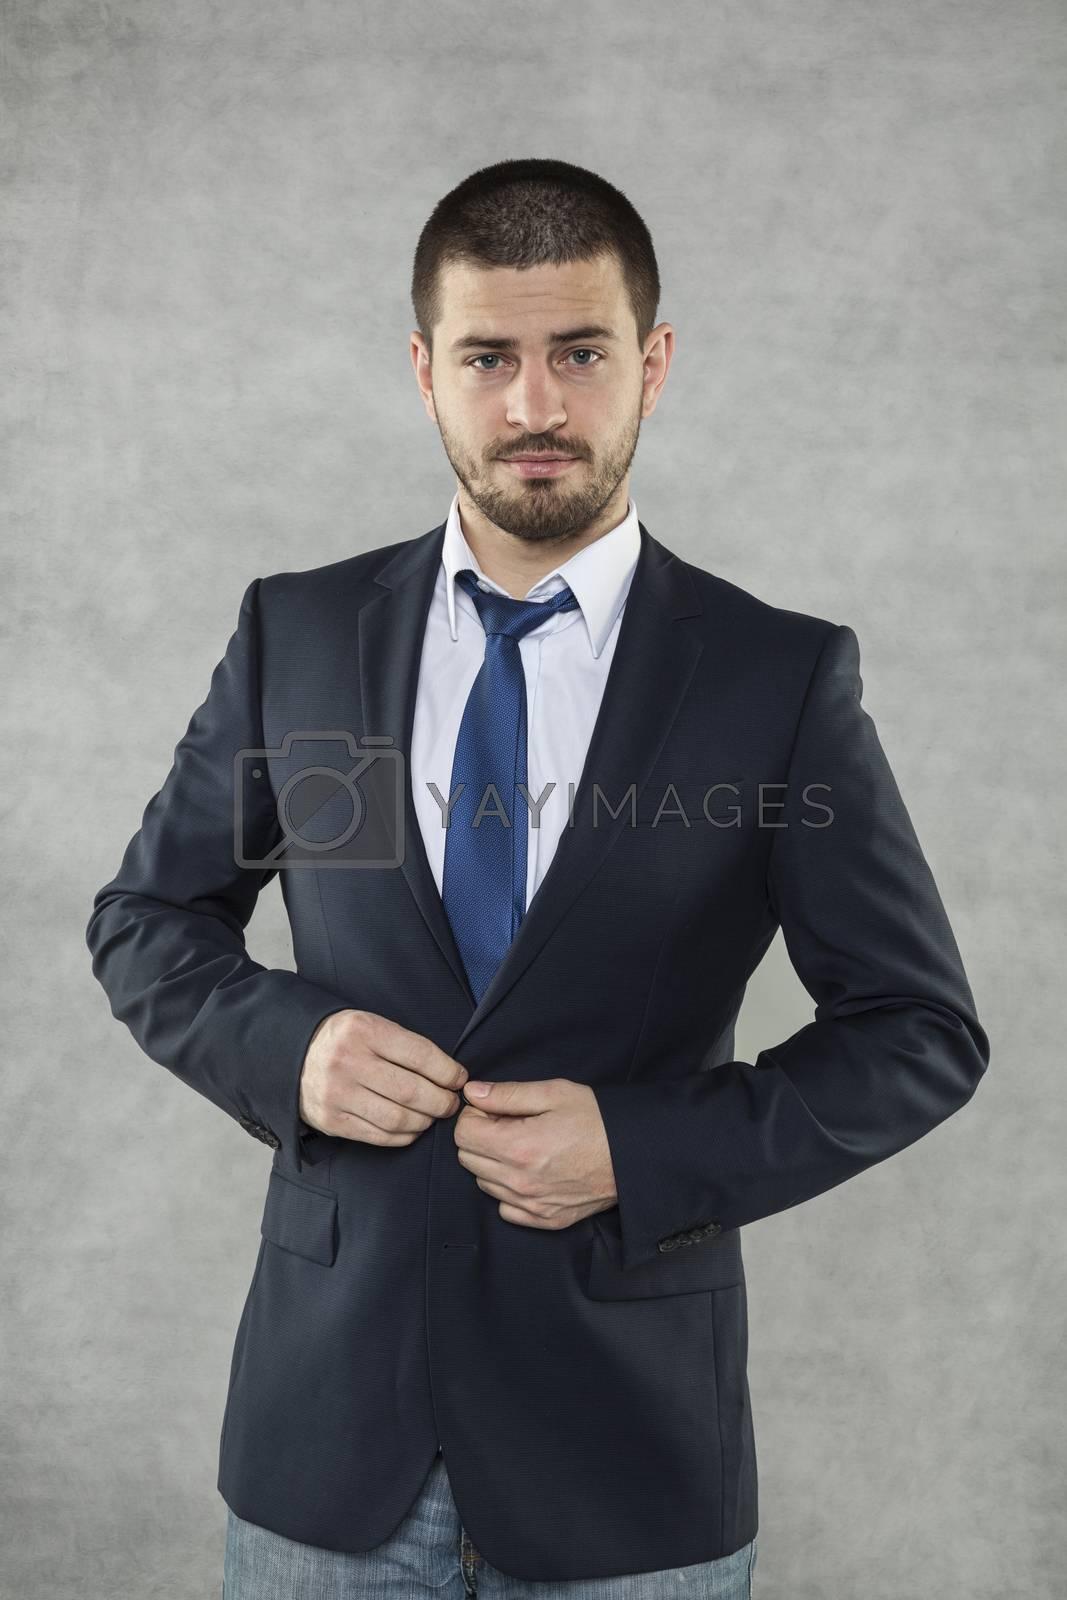 Handsom businessman